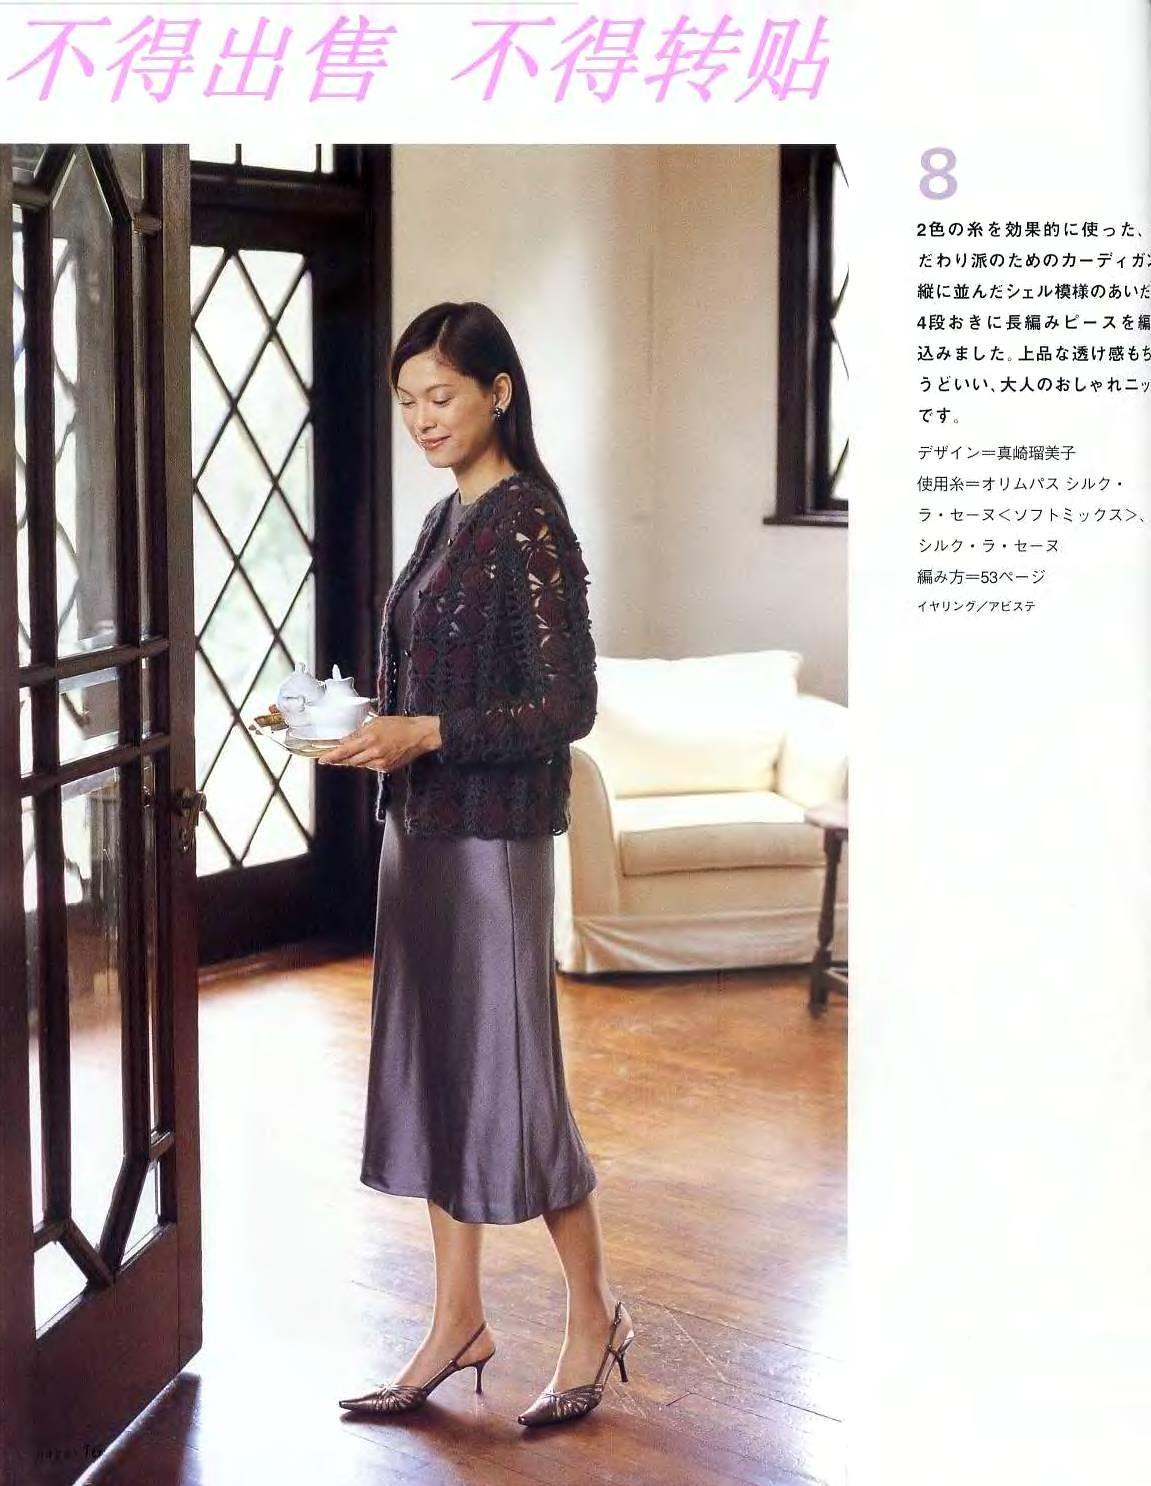 Lets-knit-series-Blue-Lace-sp-kr_13.jpg